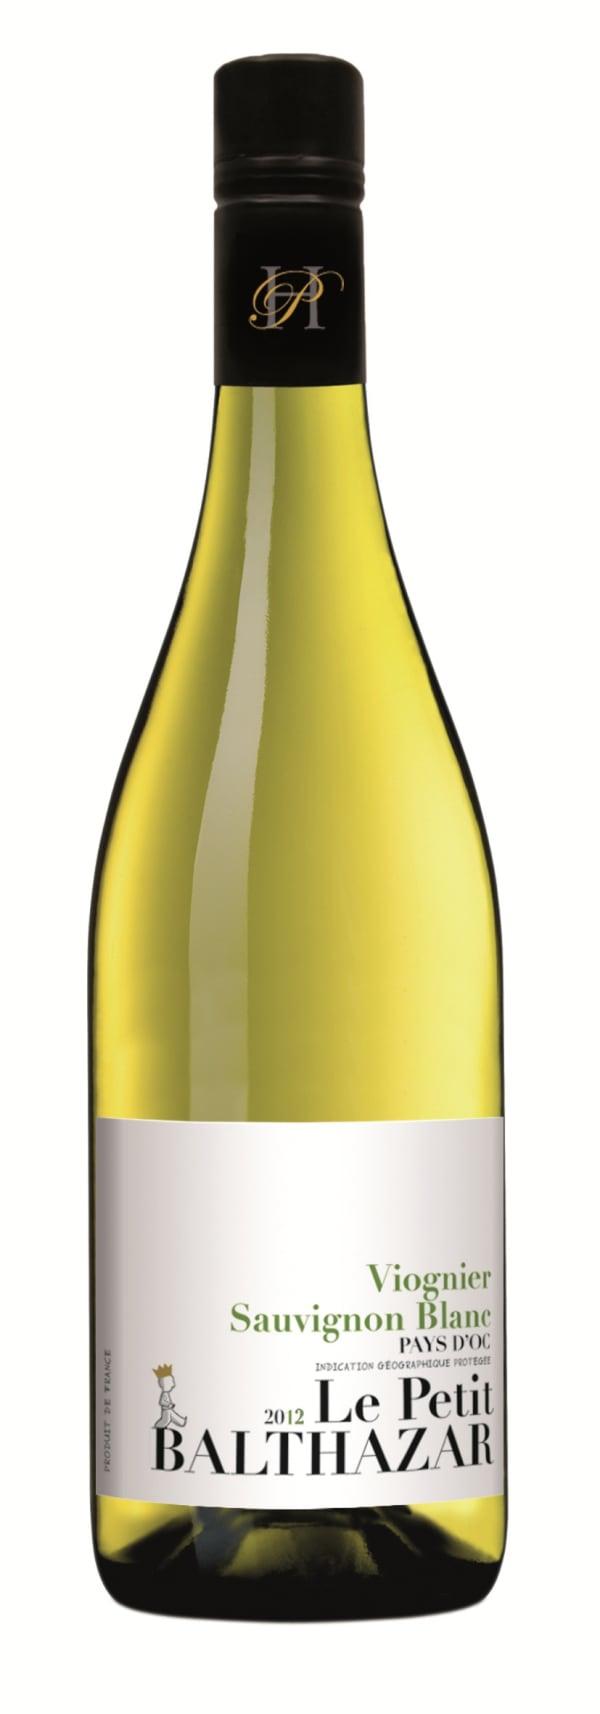 Le Petit Balthazar Viognier Sauvignon Blanc 2016